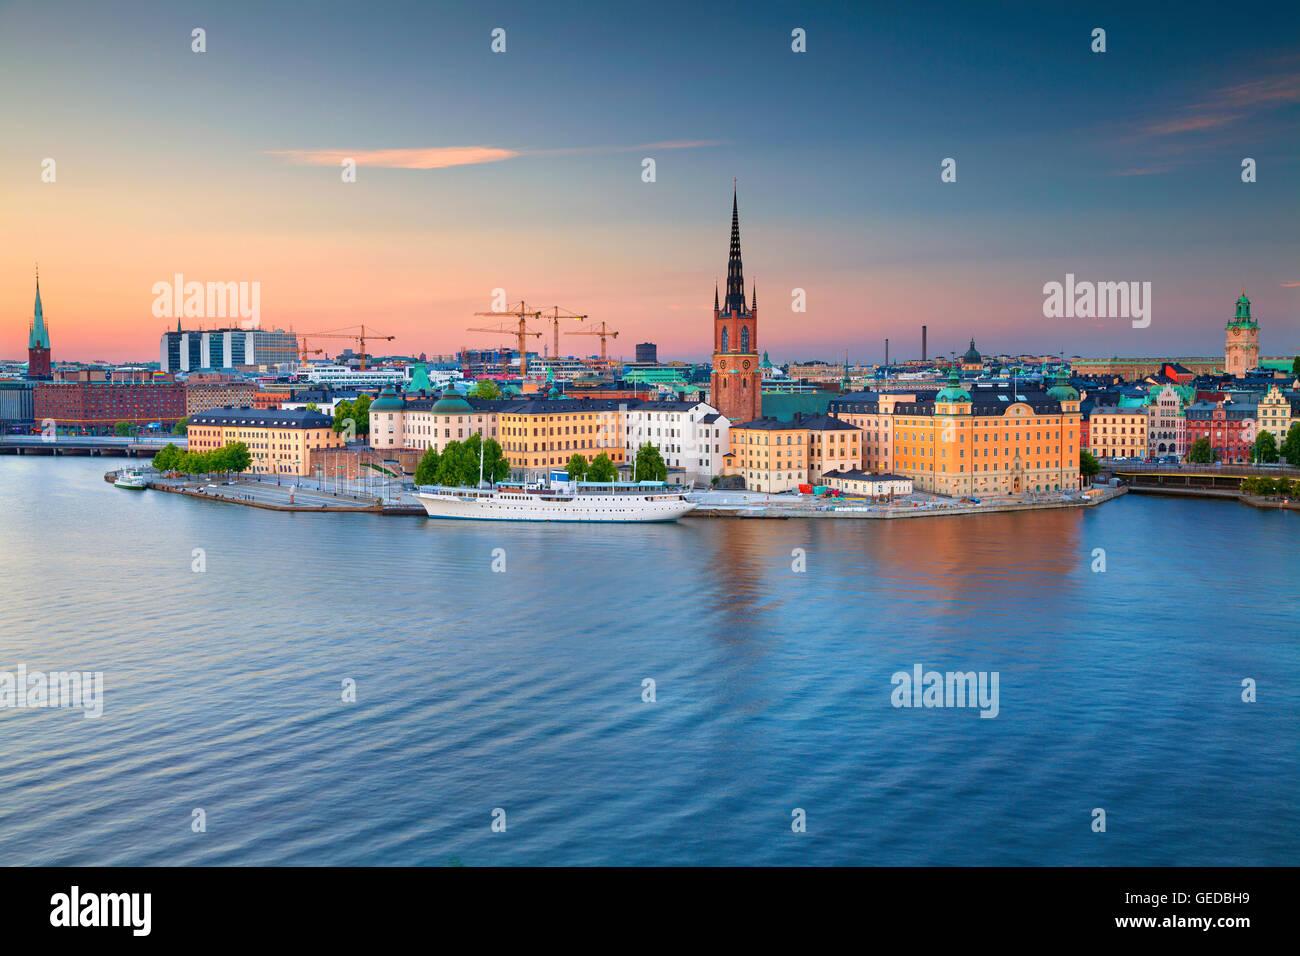 Stockholm. Bild von Stockholm während der blauen Dämmerstunde. Stockbild